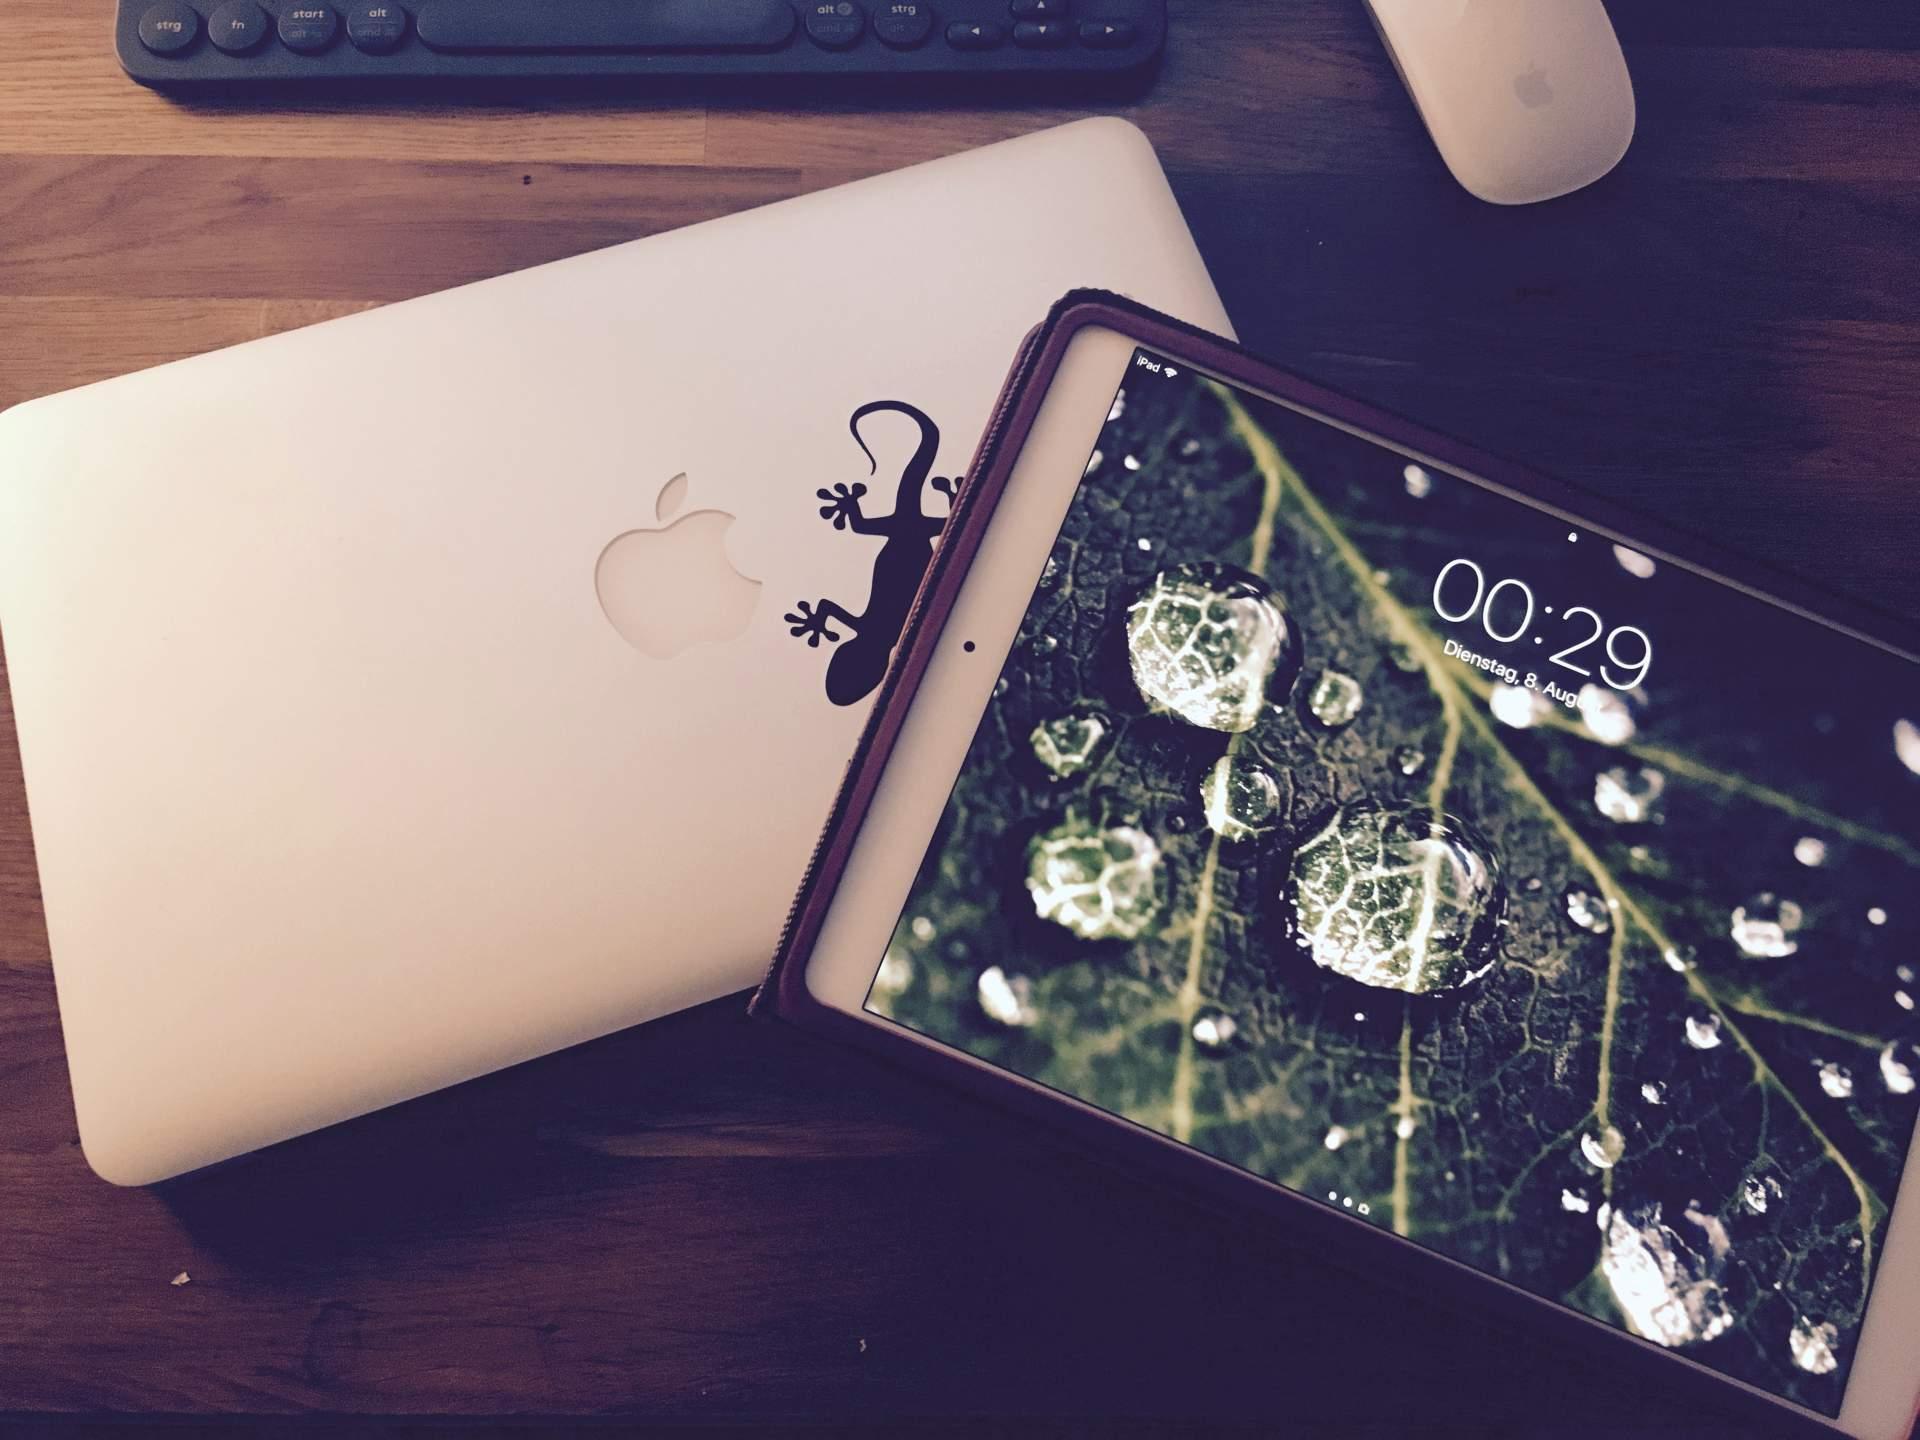 Macbook oder iPad Pro? Keine Frage: Beides!